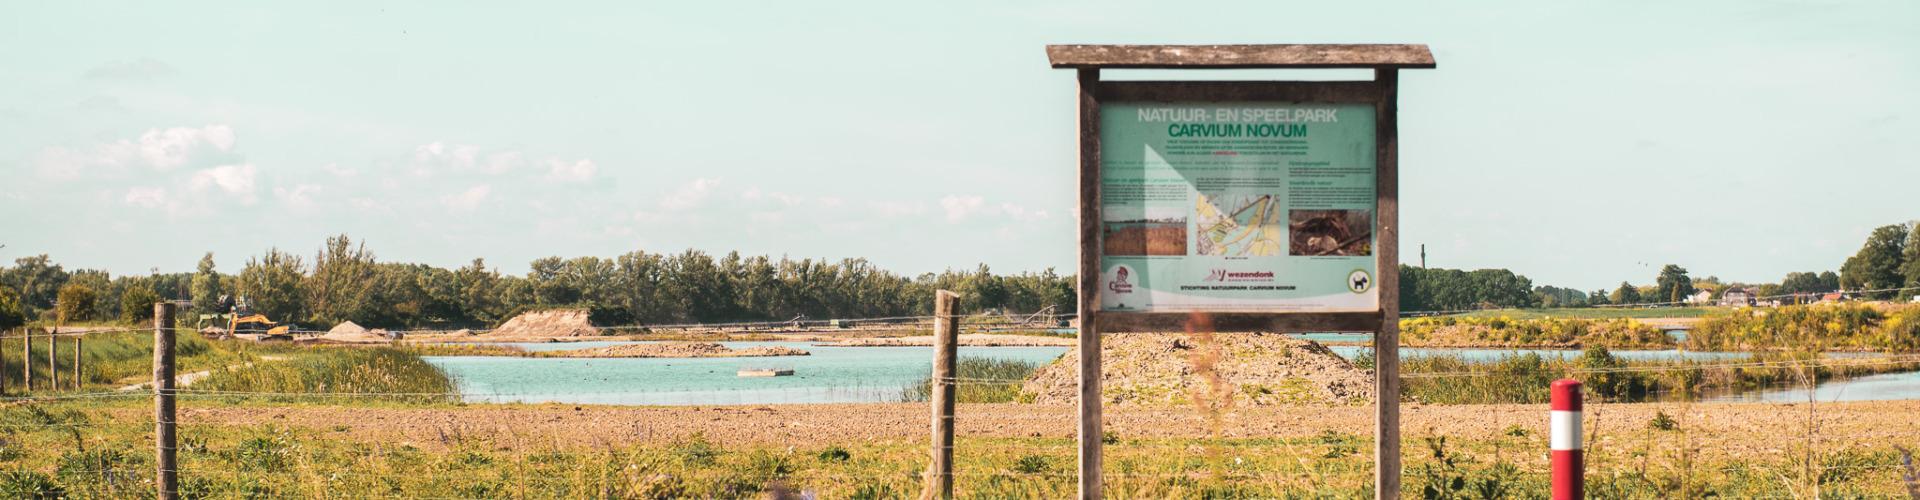 Welkomstbord van natuurpark Carvium Novum bij Lobith. De plek waar in de toekomst natuur en zonne-energie hand in hand zal gaan.